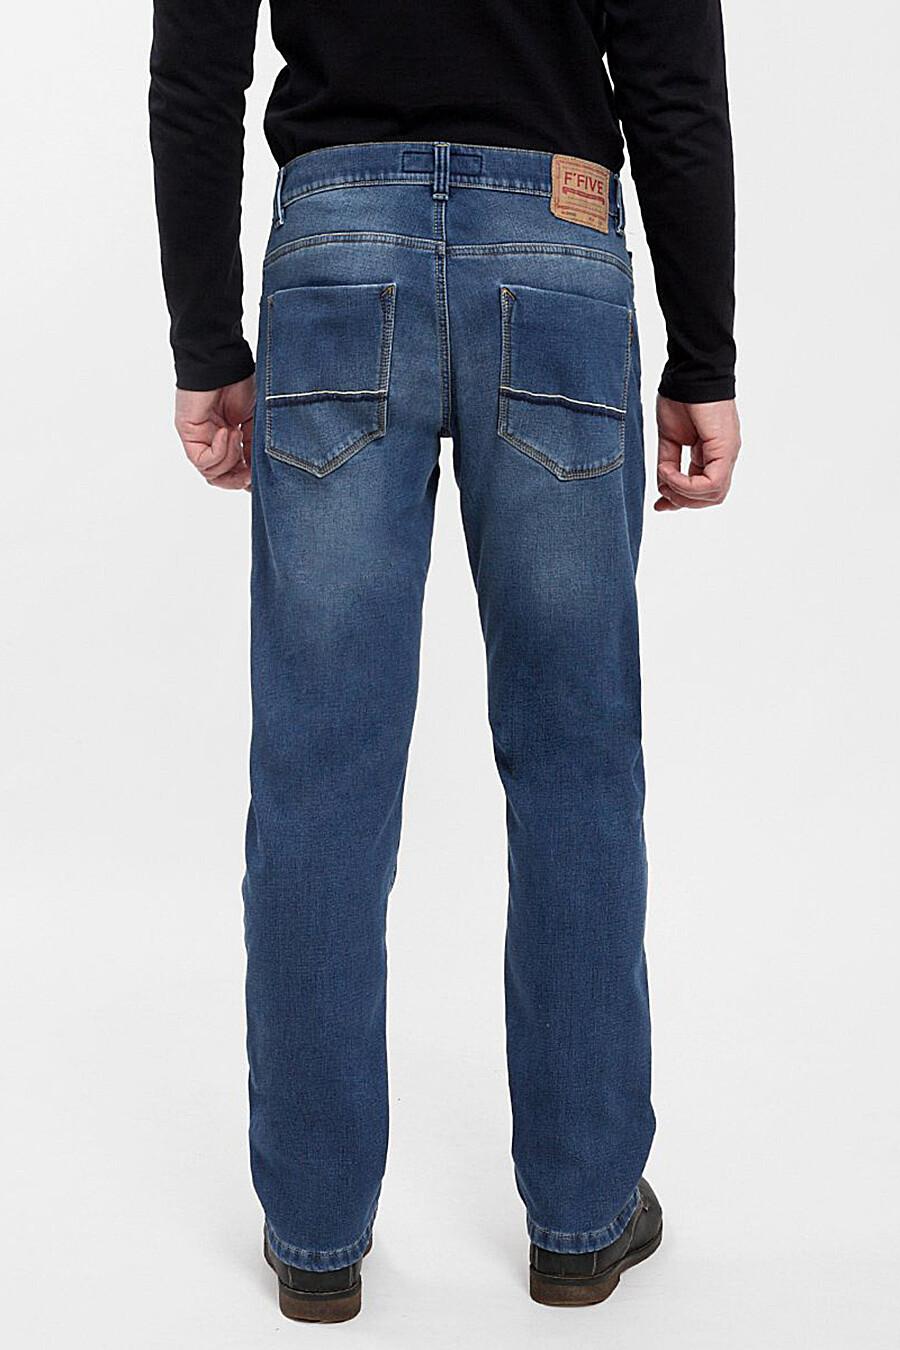 Джинсы утепленные для мужчин F5 161321 купить оптом от производителя. Совместная покупка мужской одежды в OptMoyo